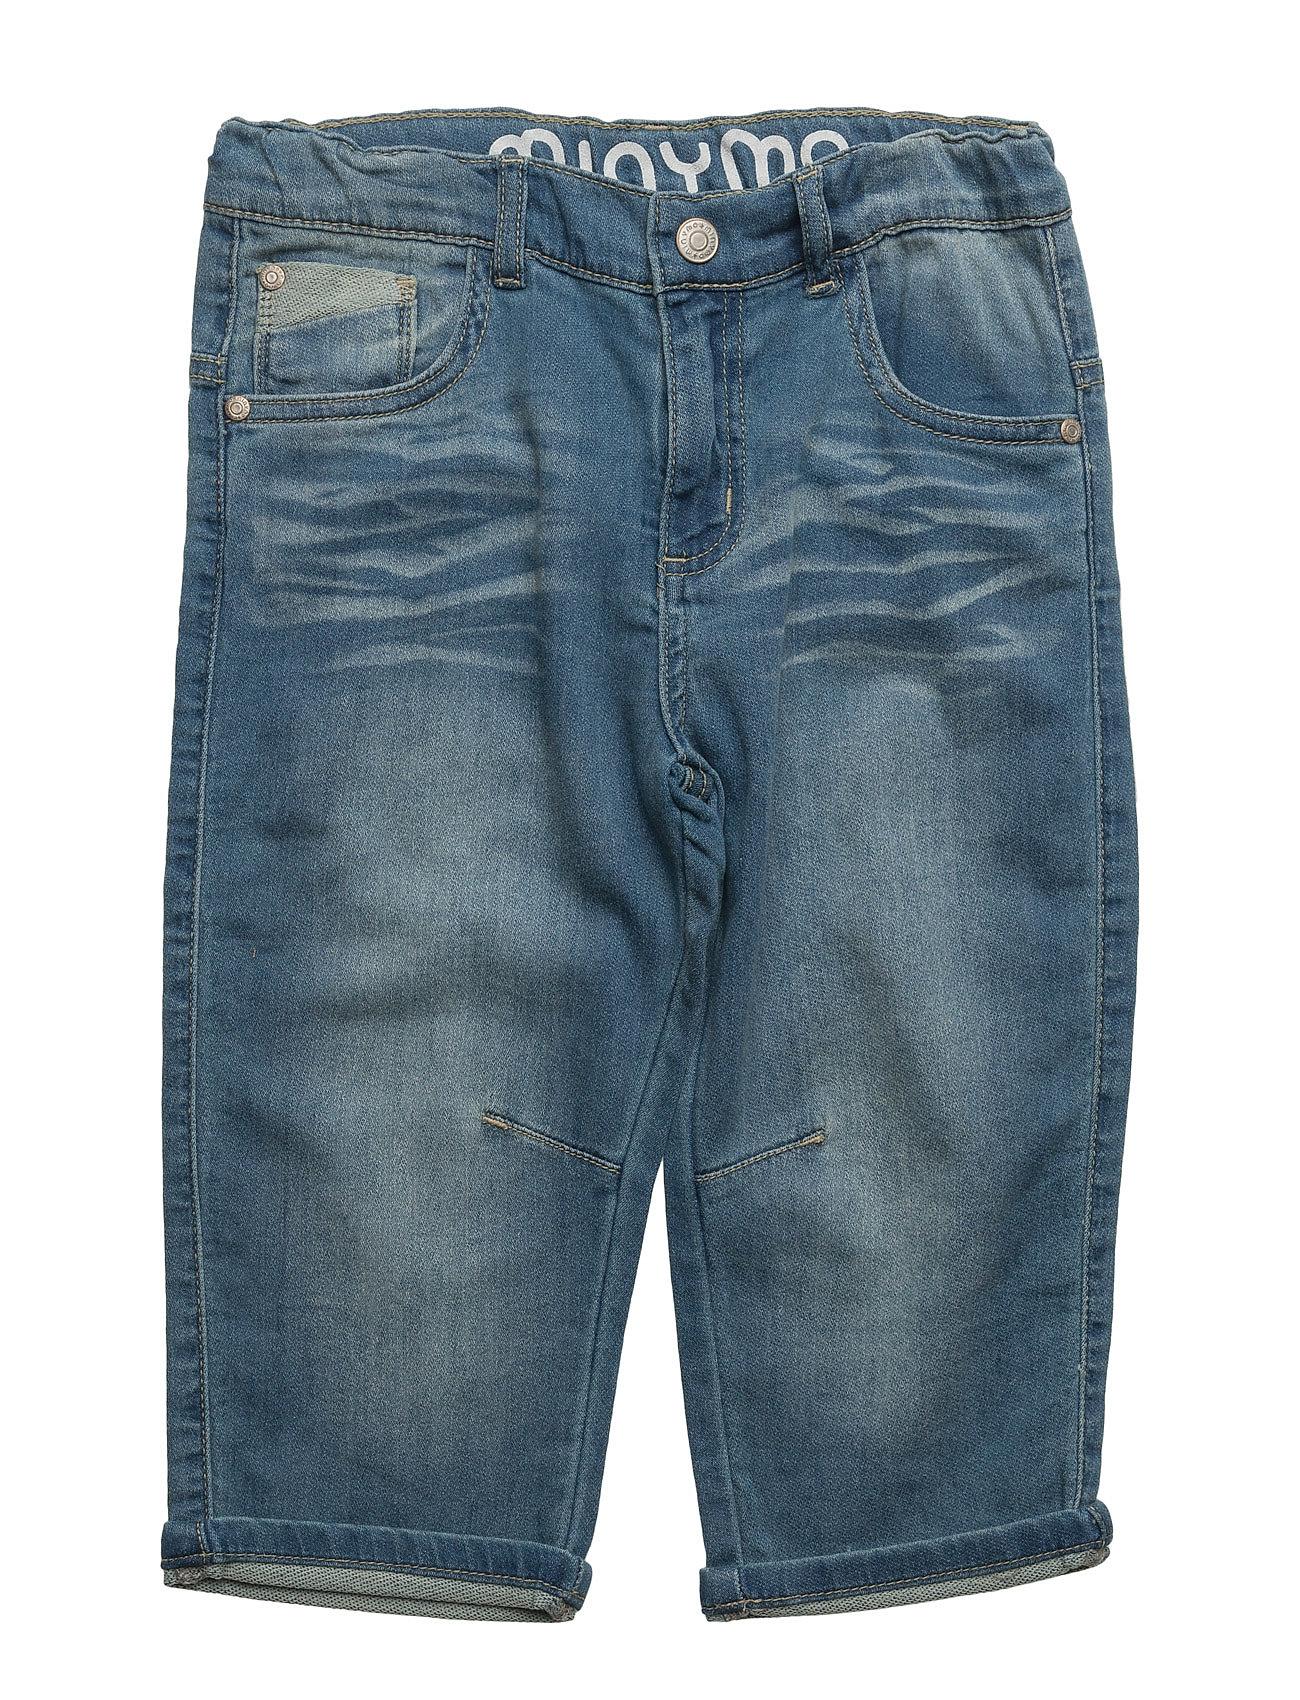 Kirk 92 - Jeans 3/4 Knit Denim Minymo  til Børn i